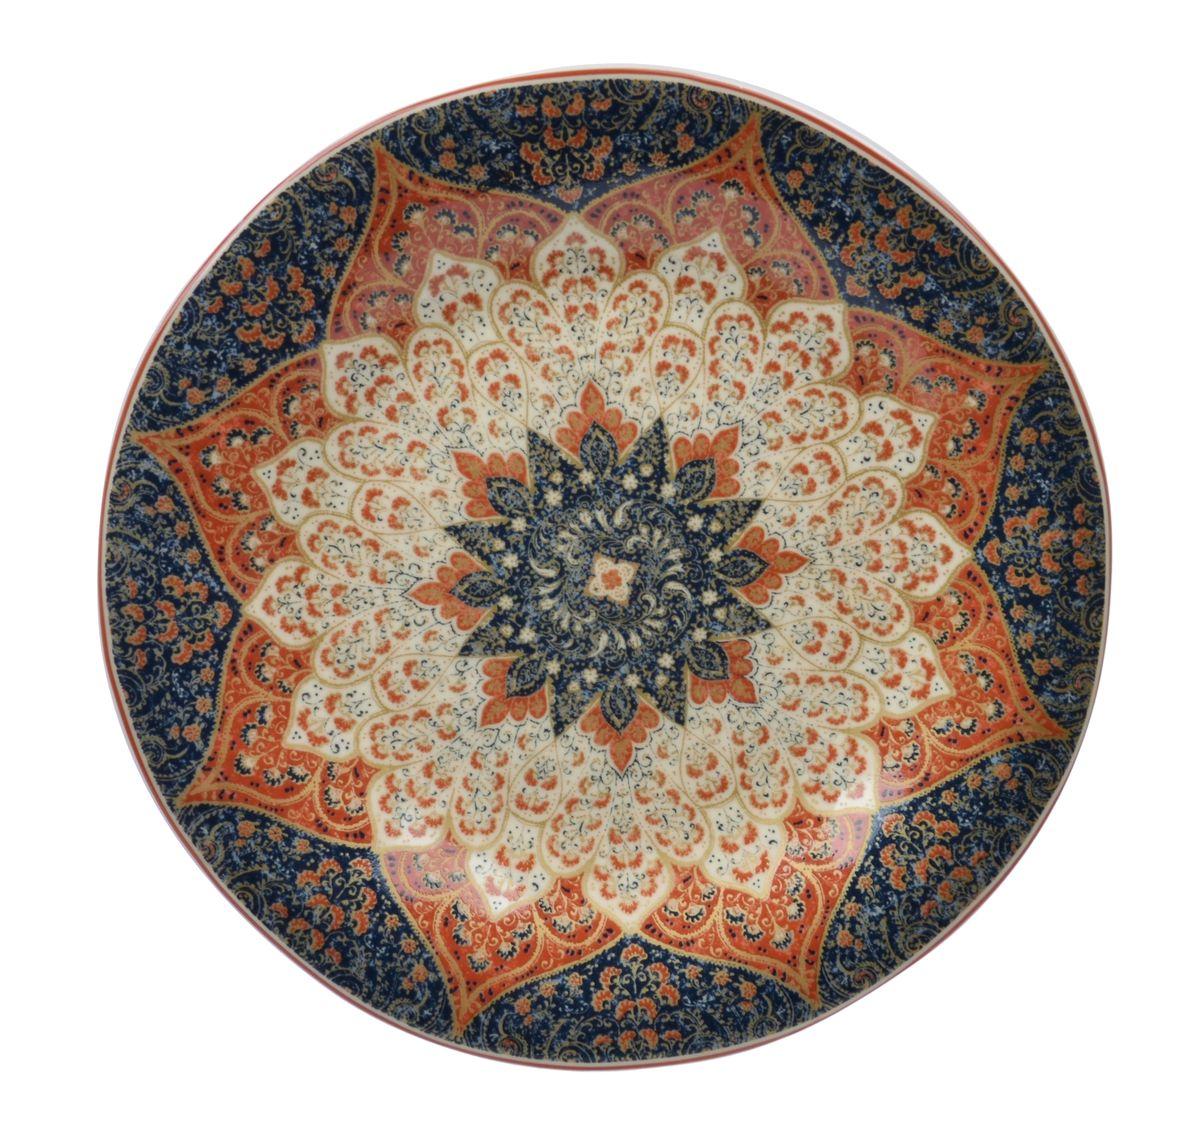 Тарелка десертная Utana Кашан Сиена, диаметр 23 смUTKS41810Тарелка десертная Utana Кашан Сиена изготовлена из высококачественной керамики. Предназначена для красивой подачи различных блюд. Изделие декорировано ярким рисунком. Такая тарелка украсит сервировку стола и подчеркнет прекрасный вкус хозяйки. Можно мыть в посудомоечной машине и использовать в СВЧ. Диаметр: 23 см. Высота: 2,5 см.